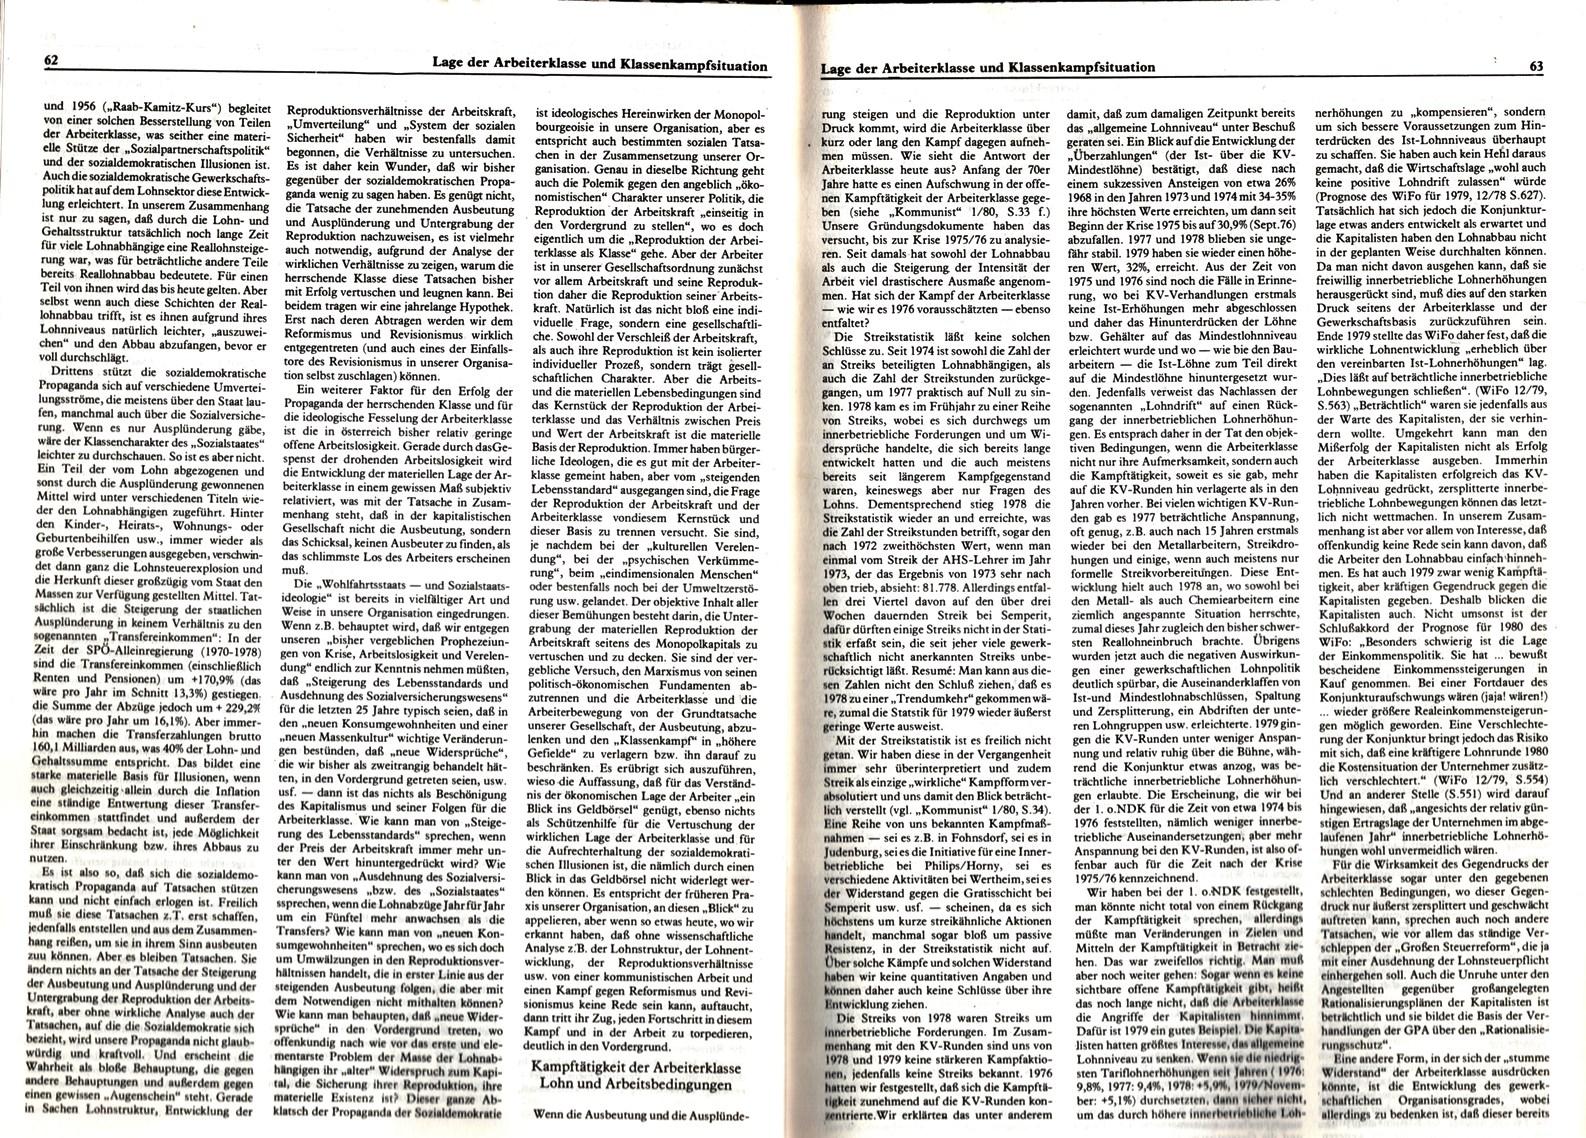 KBOe_TO_Kommunist_19800200_002_015